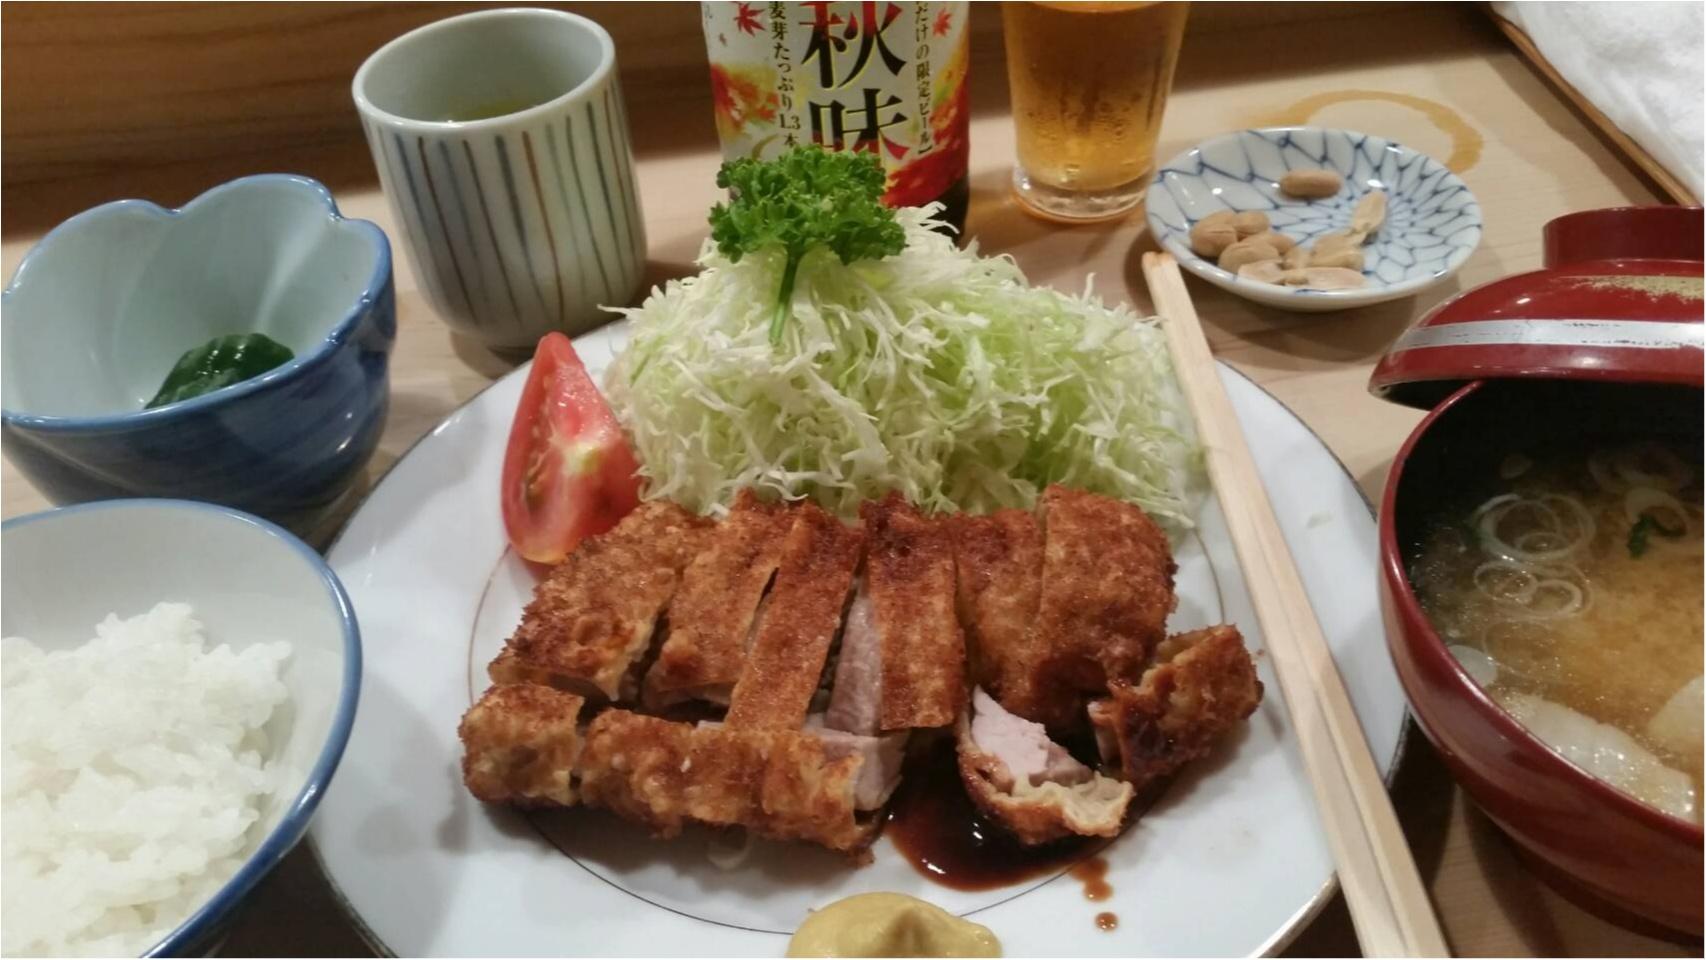 目黒駅から徒歩数分「とんき」はとんかつが美味しい上に店員さんが凄い!_6